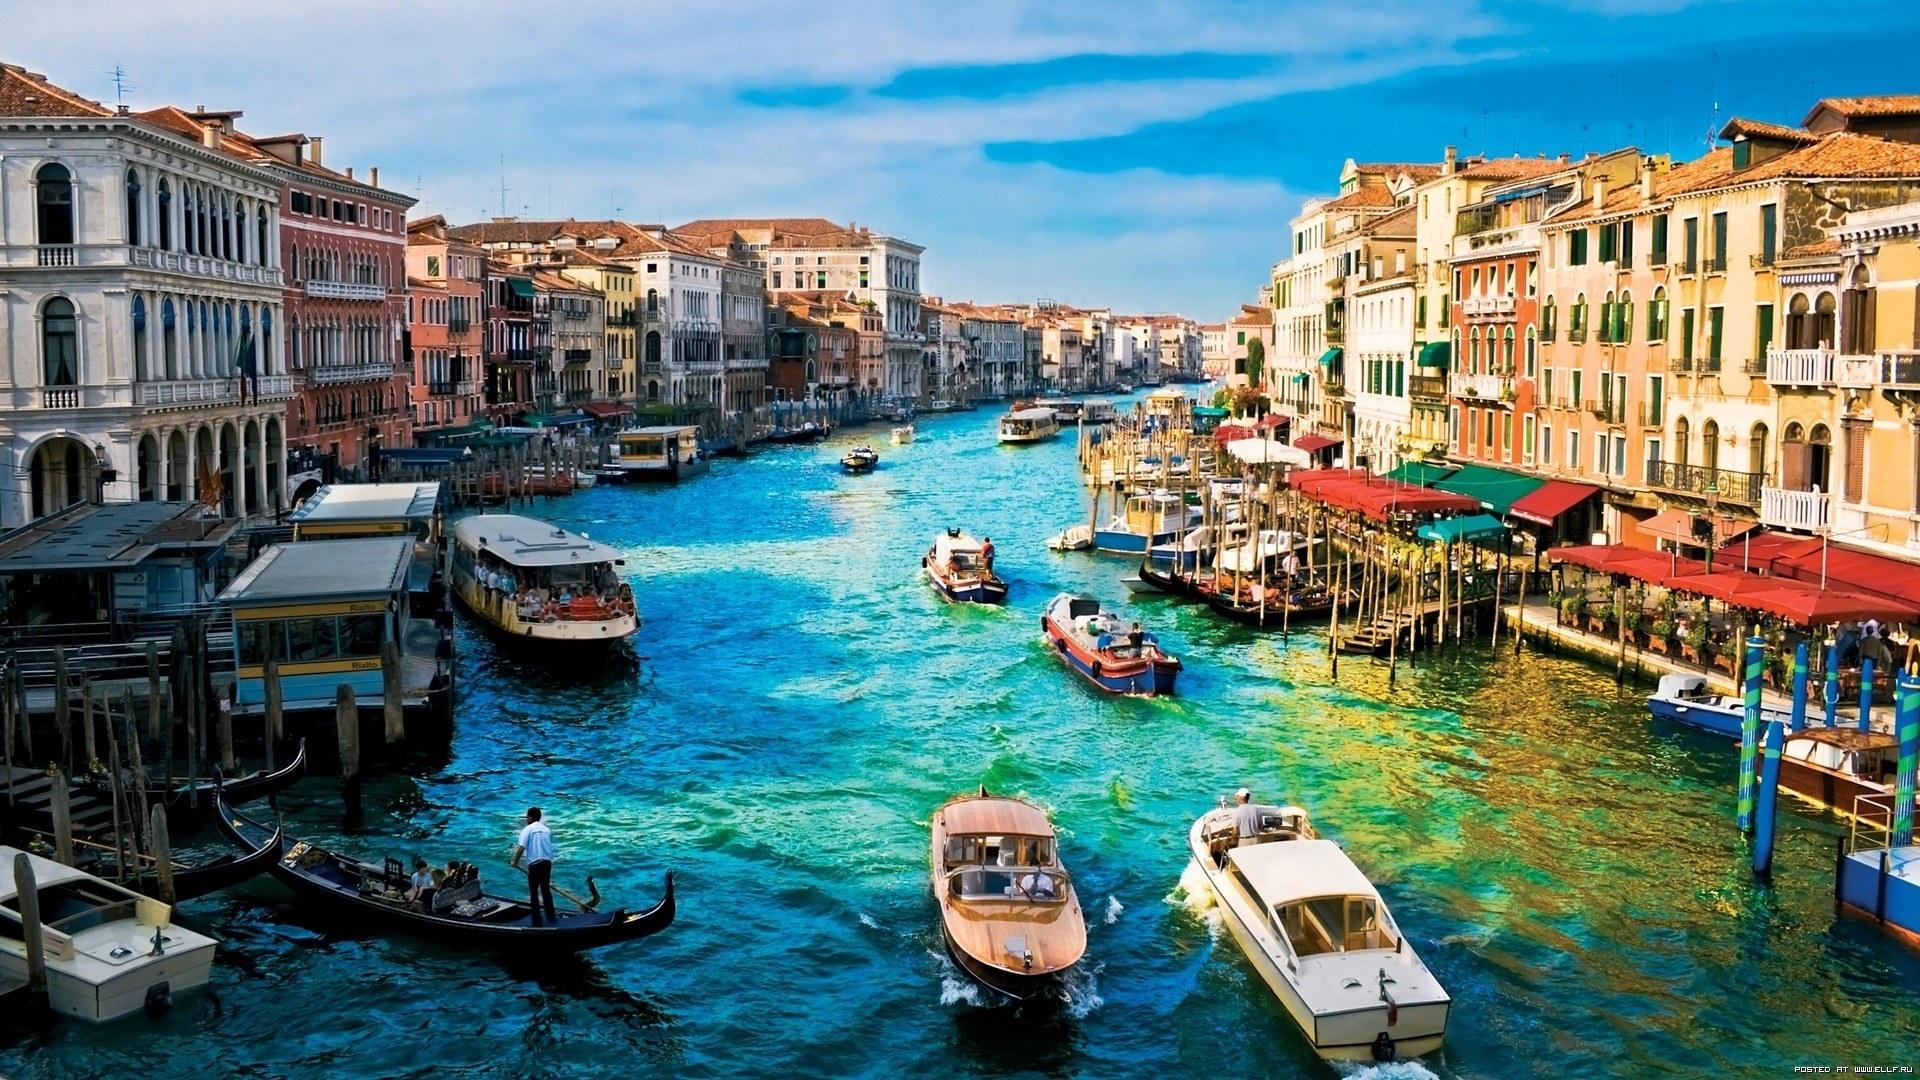 24106 скачать обои Пейзаж, Города, Лодки, Венеция - заставки и картинки бесплатно